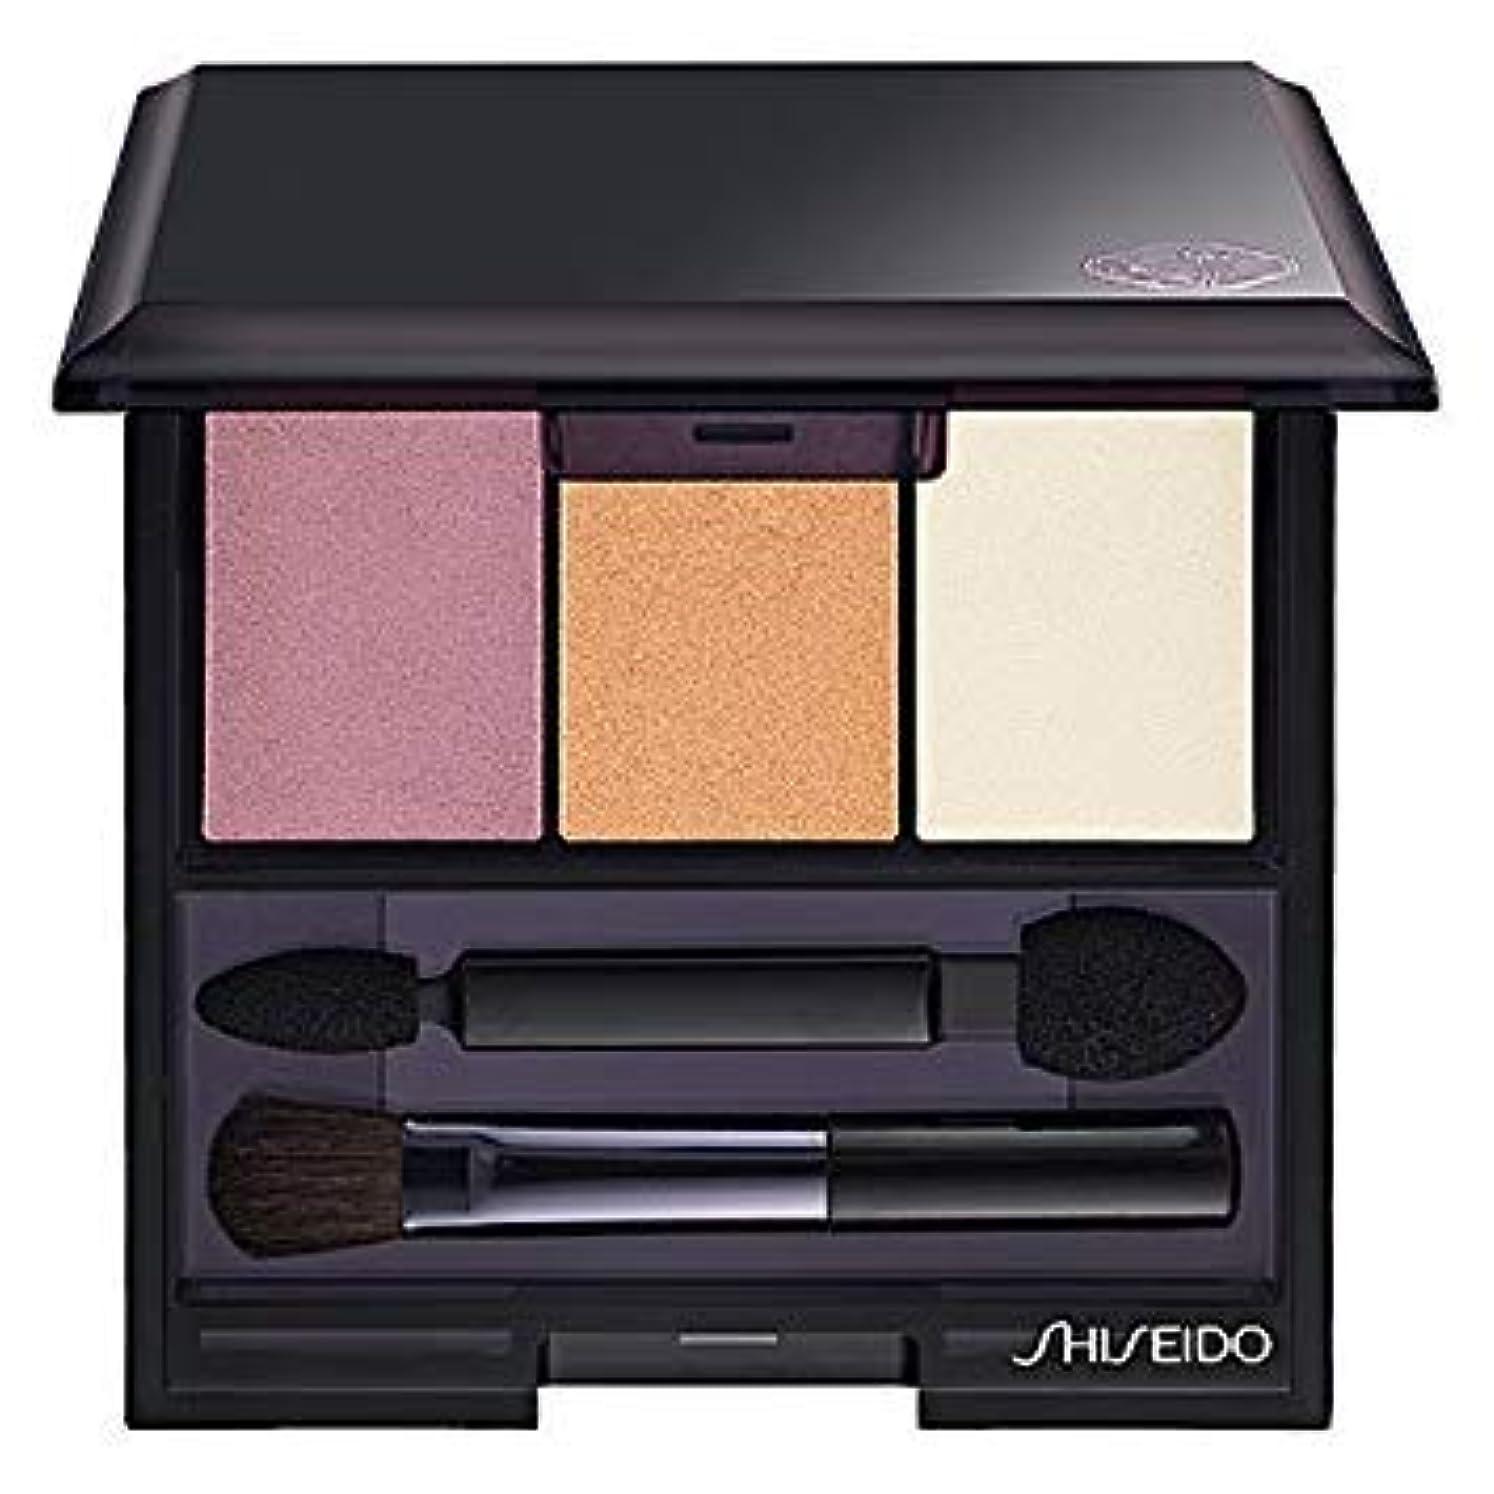 水素疾患領域資生堂 ルミナイジング サテン アイカラー トリオ RD299(Shiseido Luminizing Satin Eye Color Trio RD299) [並行輸入品]